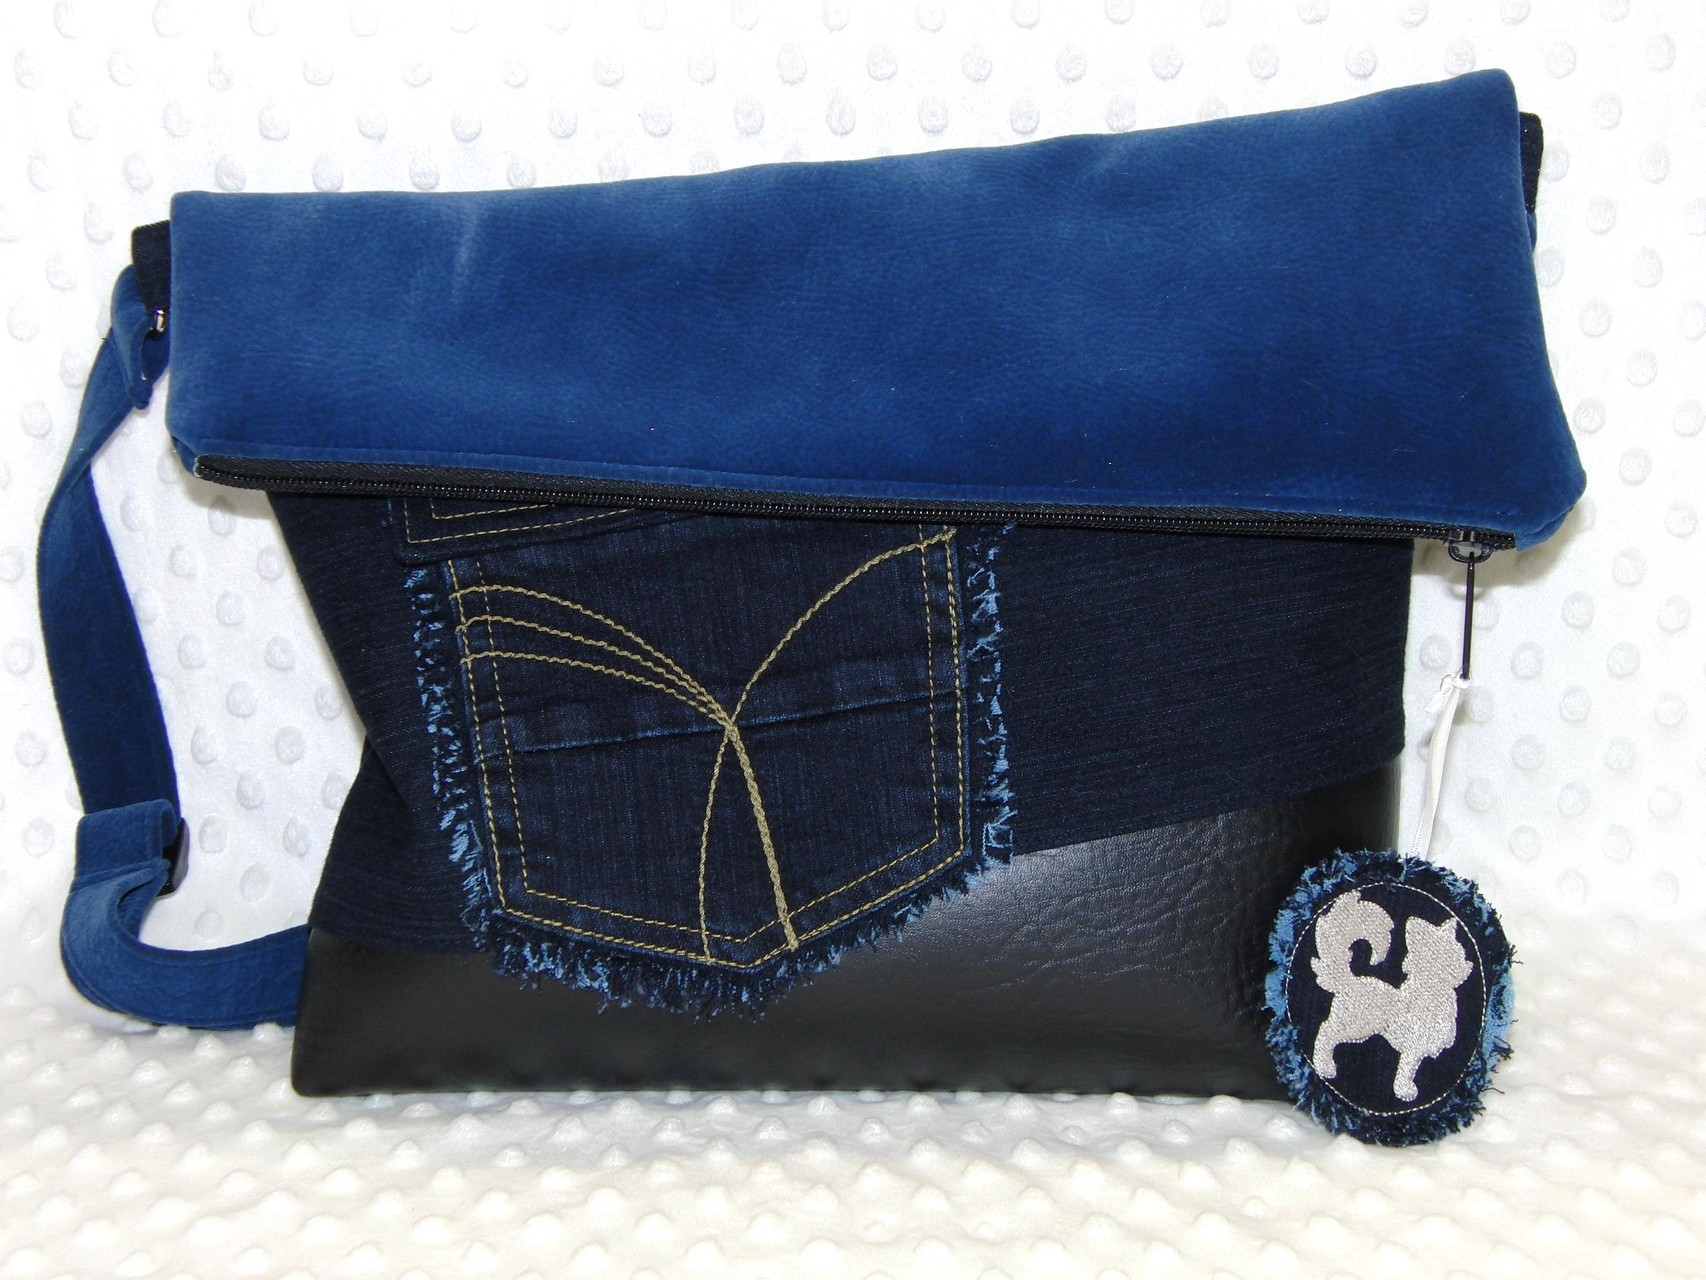 6 Tasche Rag Style 49,90 €